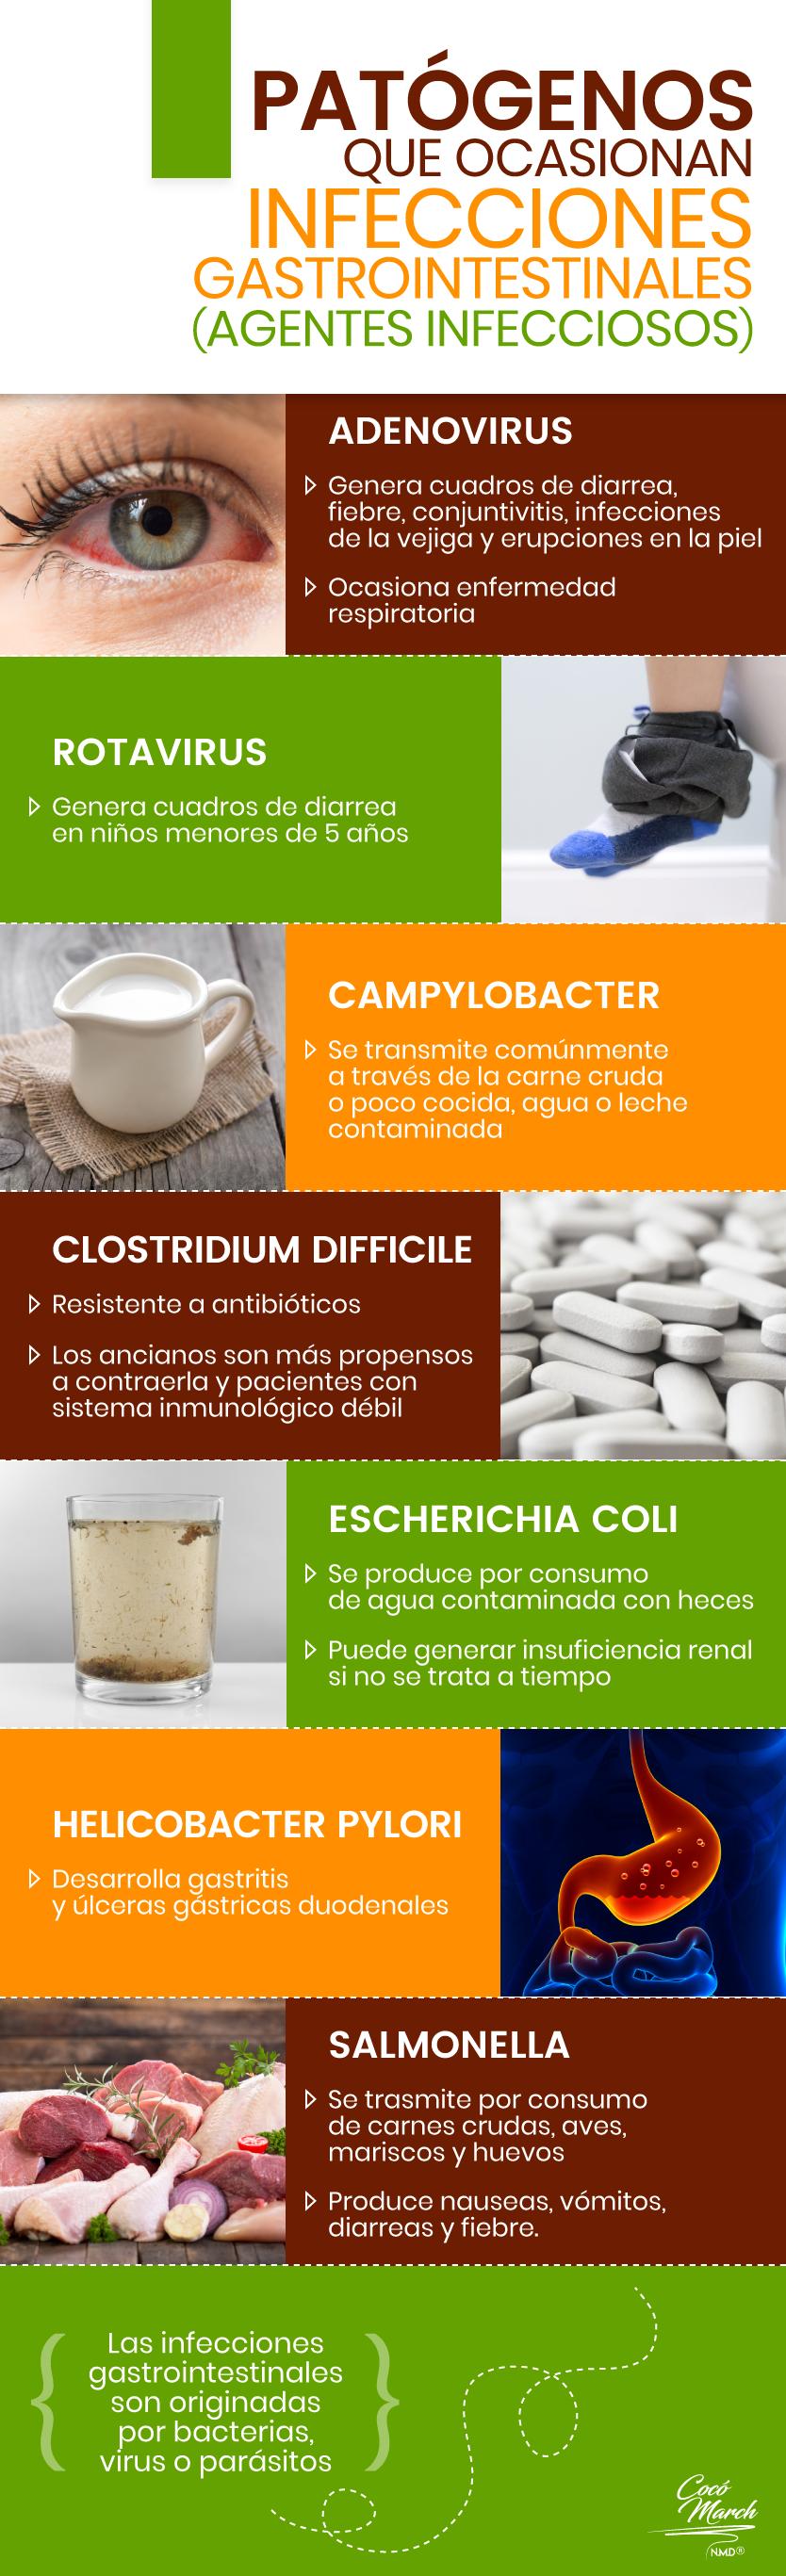 patogenos-que-ocasionan-infecciones-intestinales